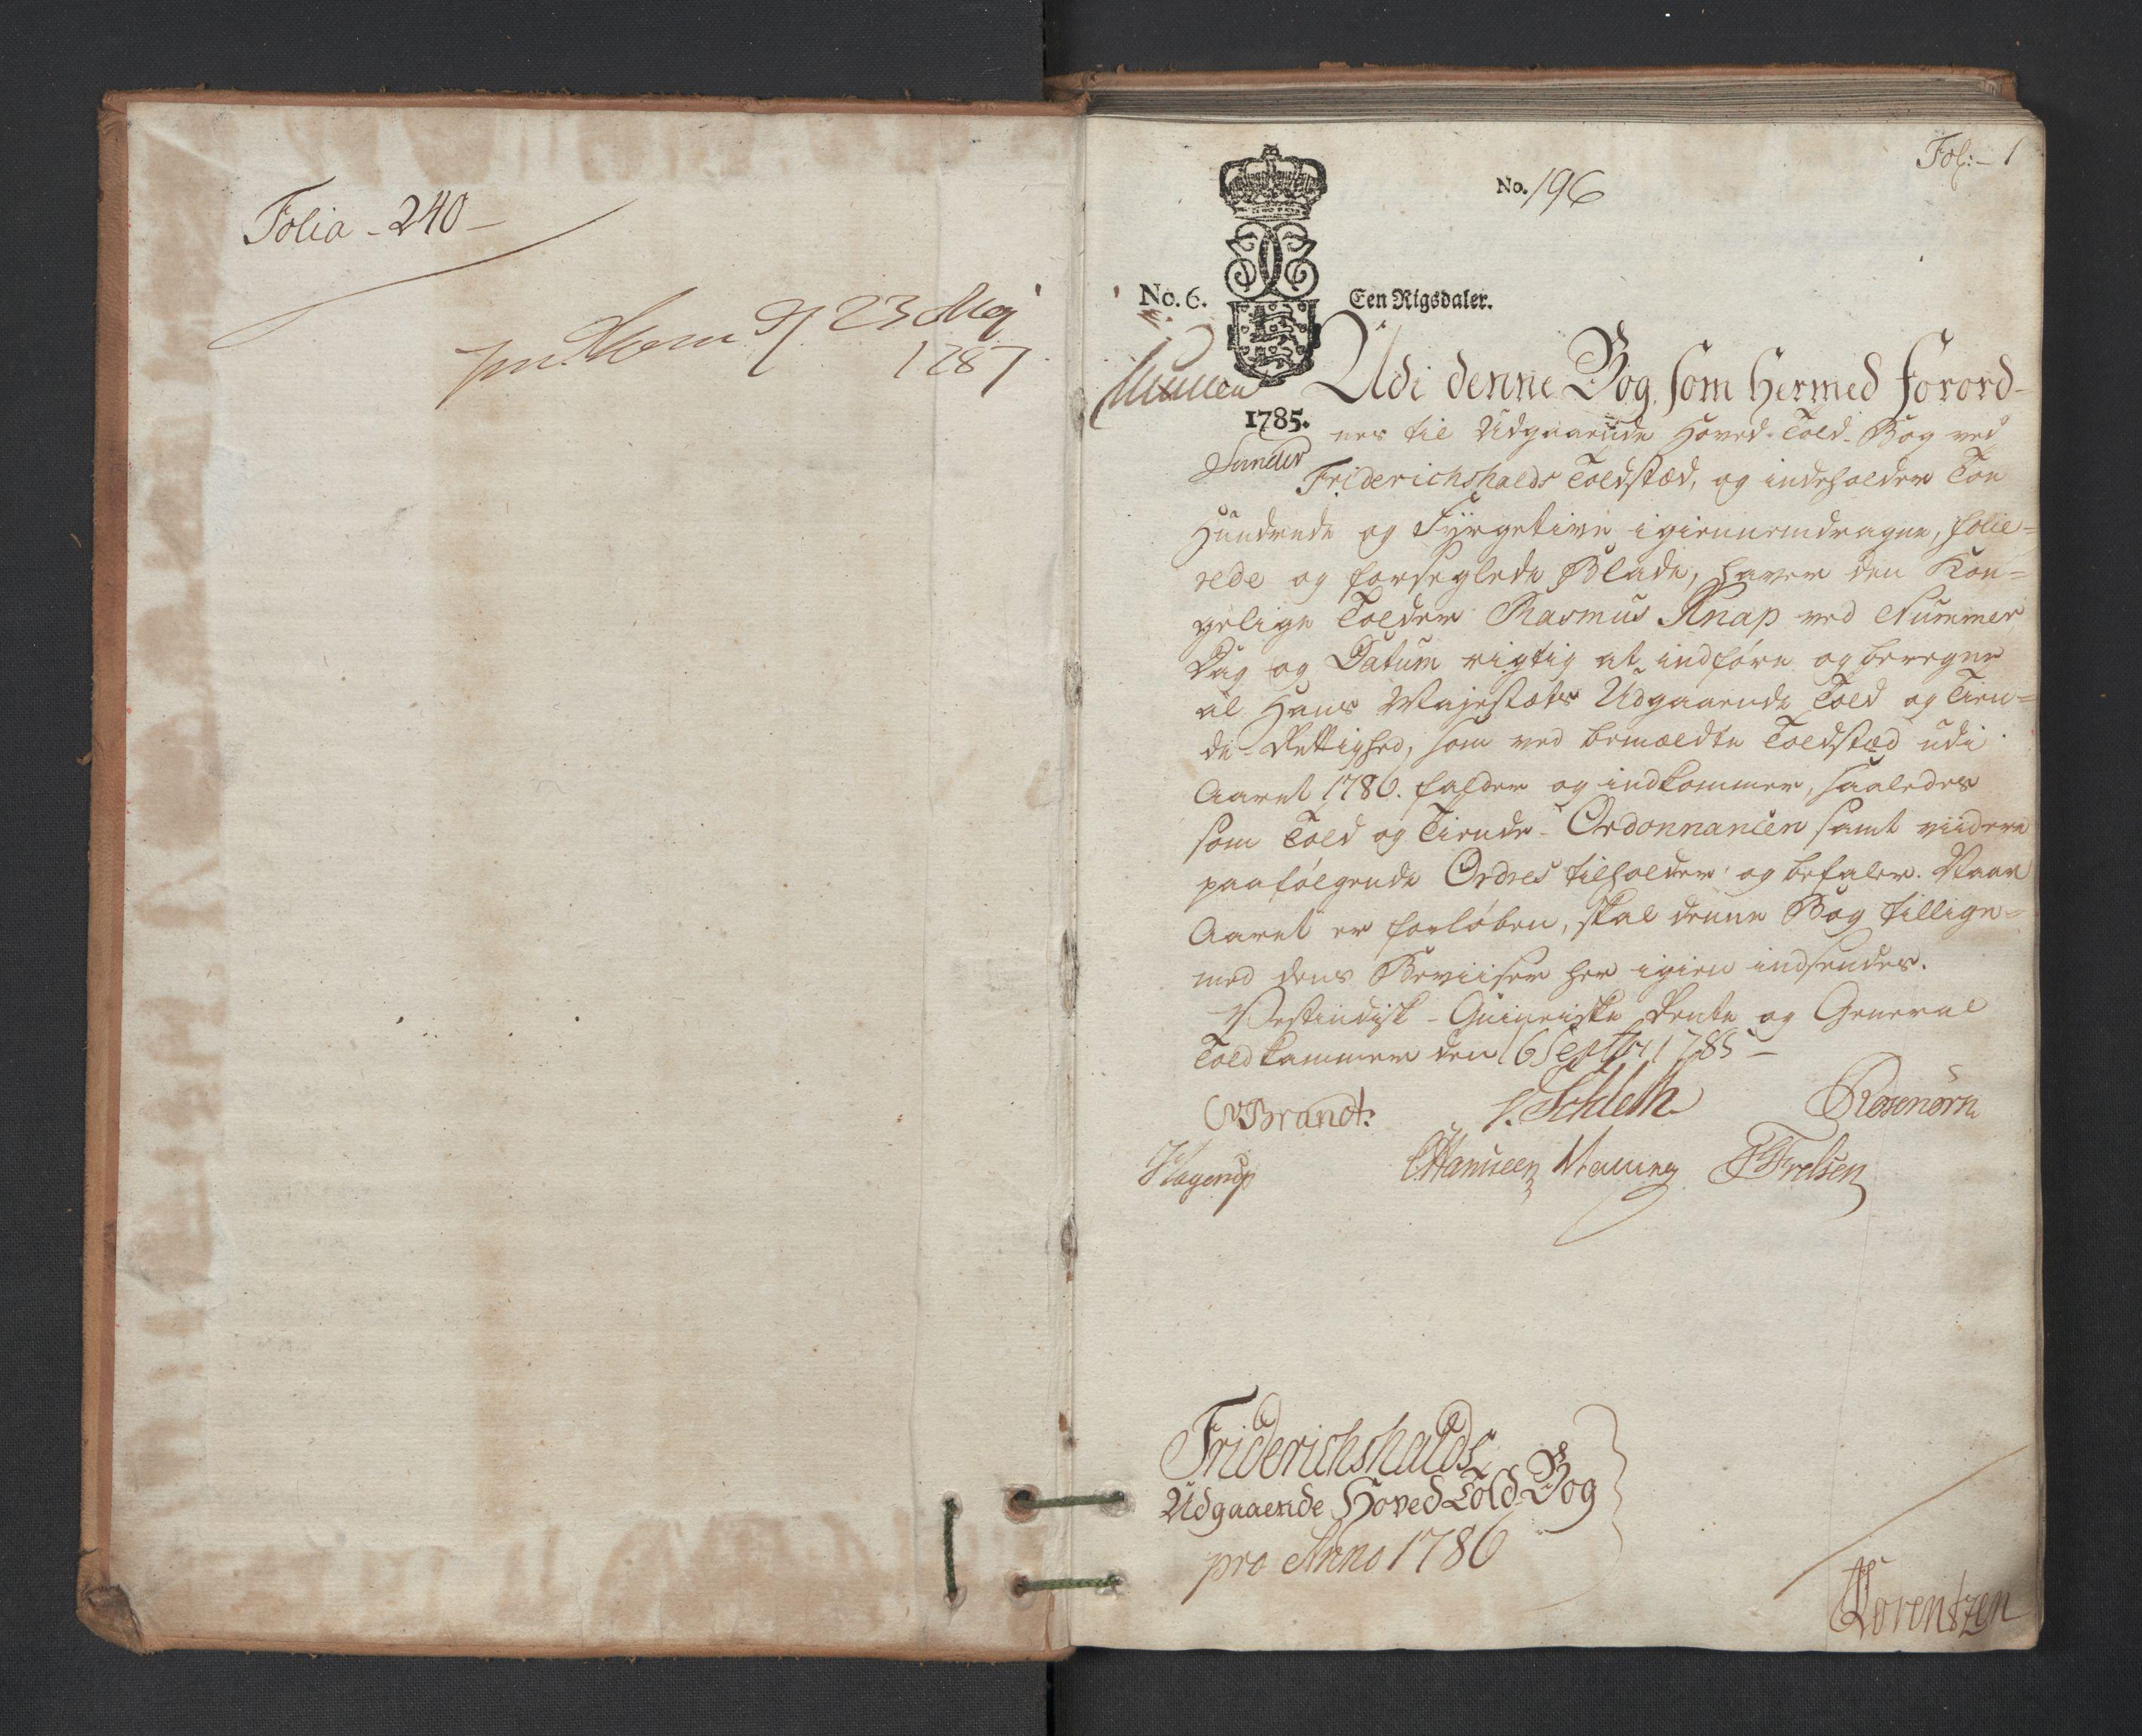 RA, Generaltollkammeret, tollregnskaper, R01/L0131: Tollregnskaper Fredrikshald, 1786, s. 1a